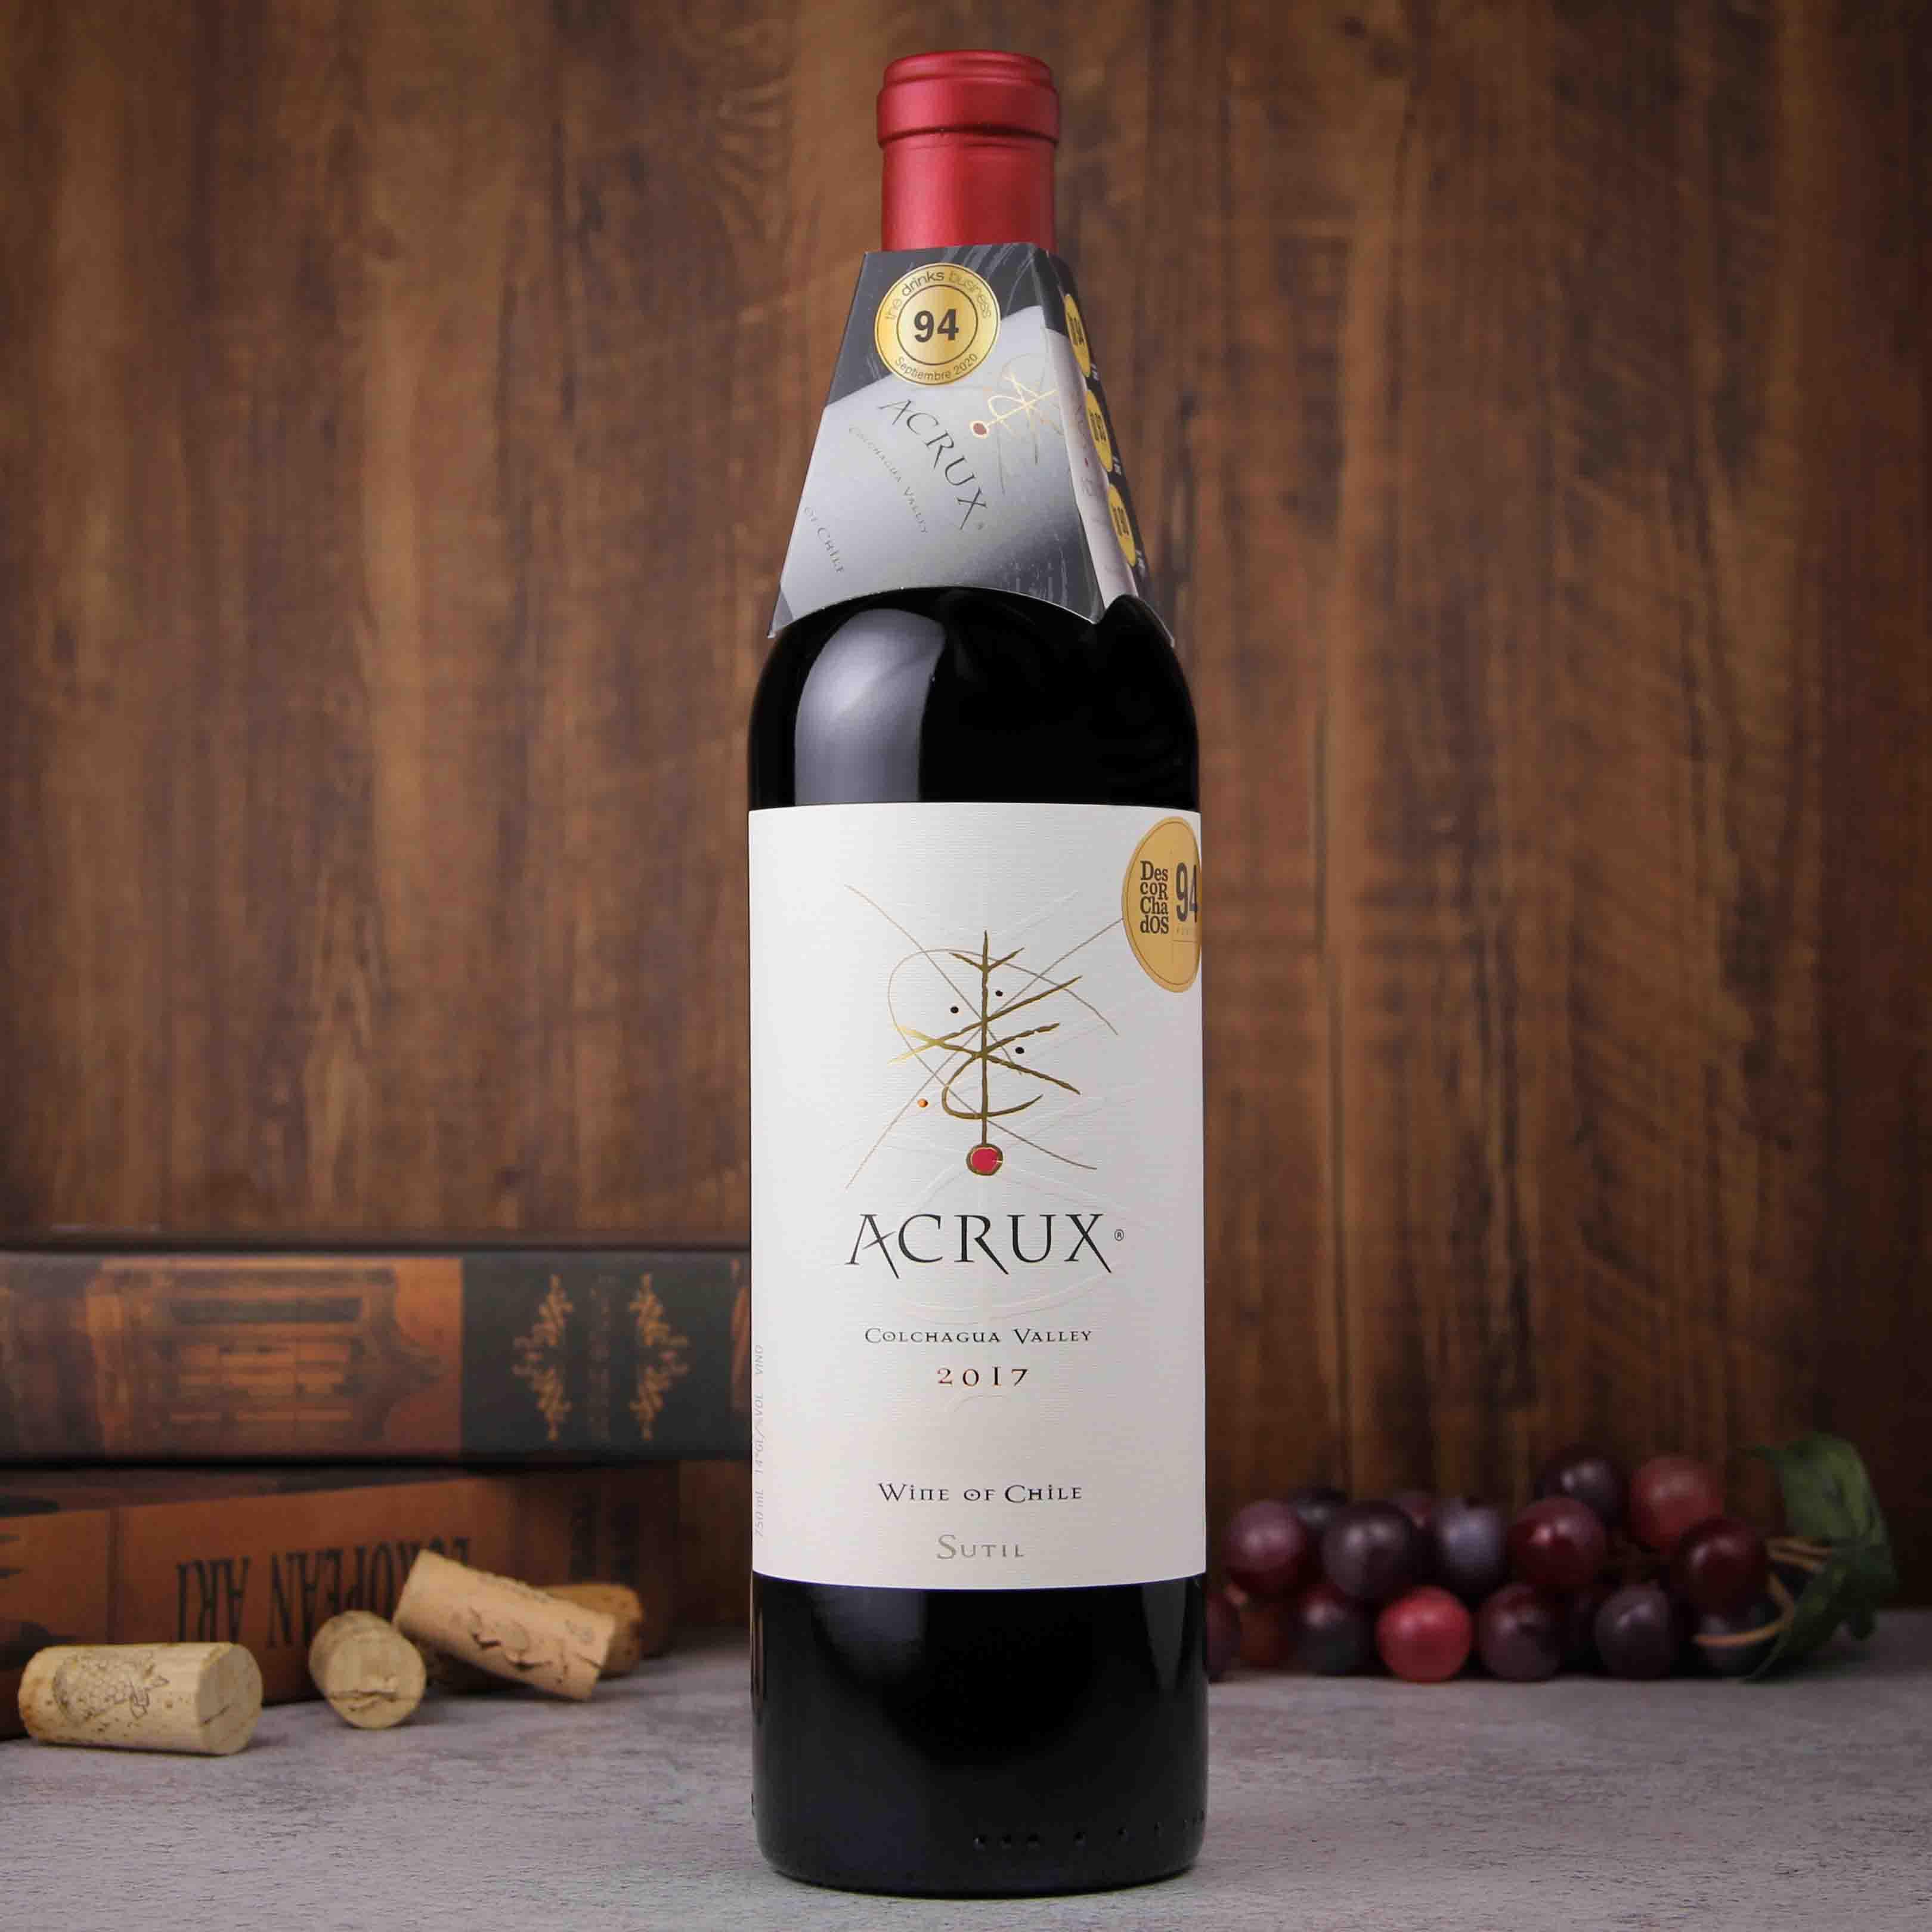 智利科尓查瓜谷南十字星混酿干红葡萄酒